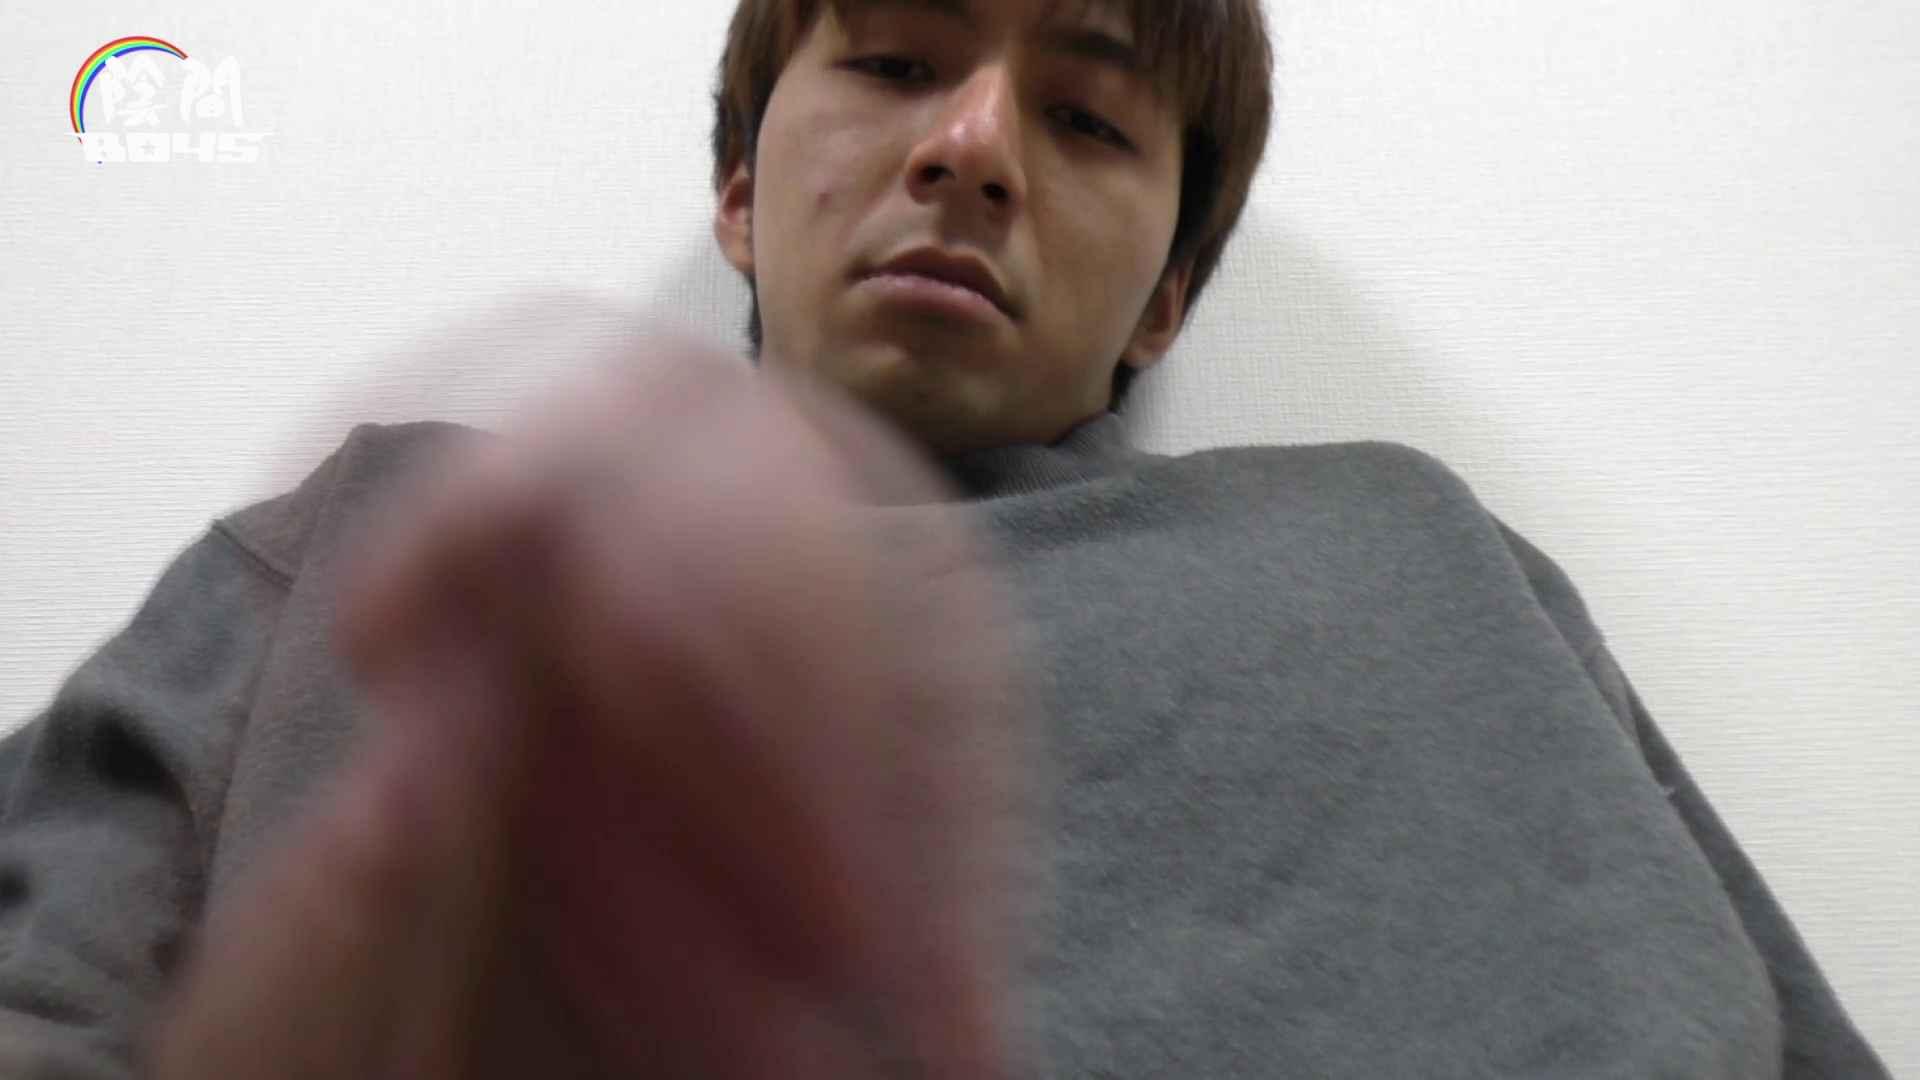 アナルは決して眠らない No.01 無修正 ゲイエロ画像 110pic 48